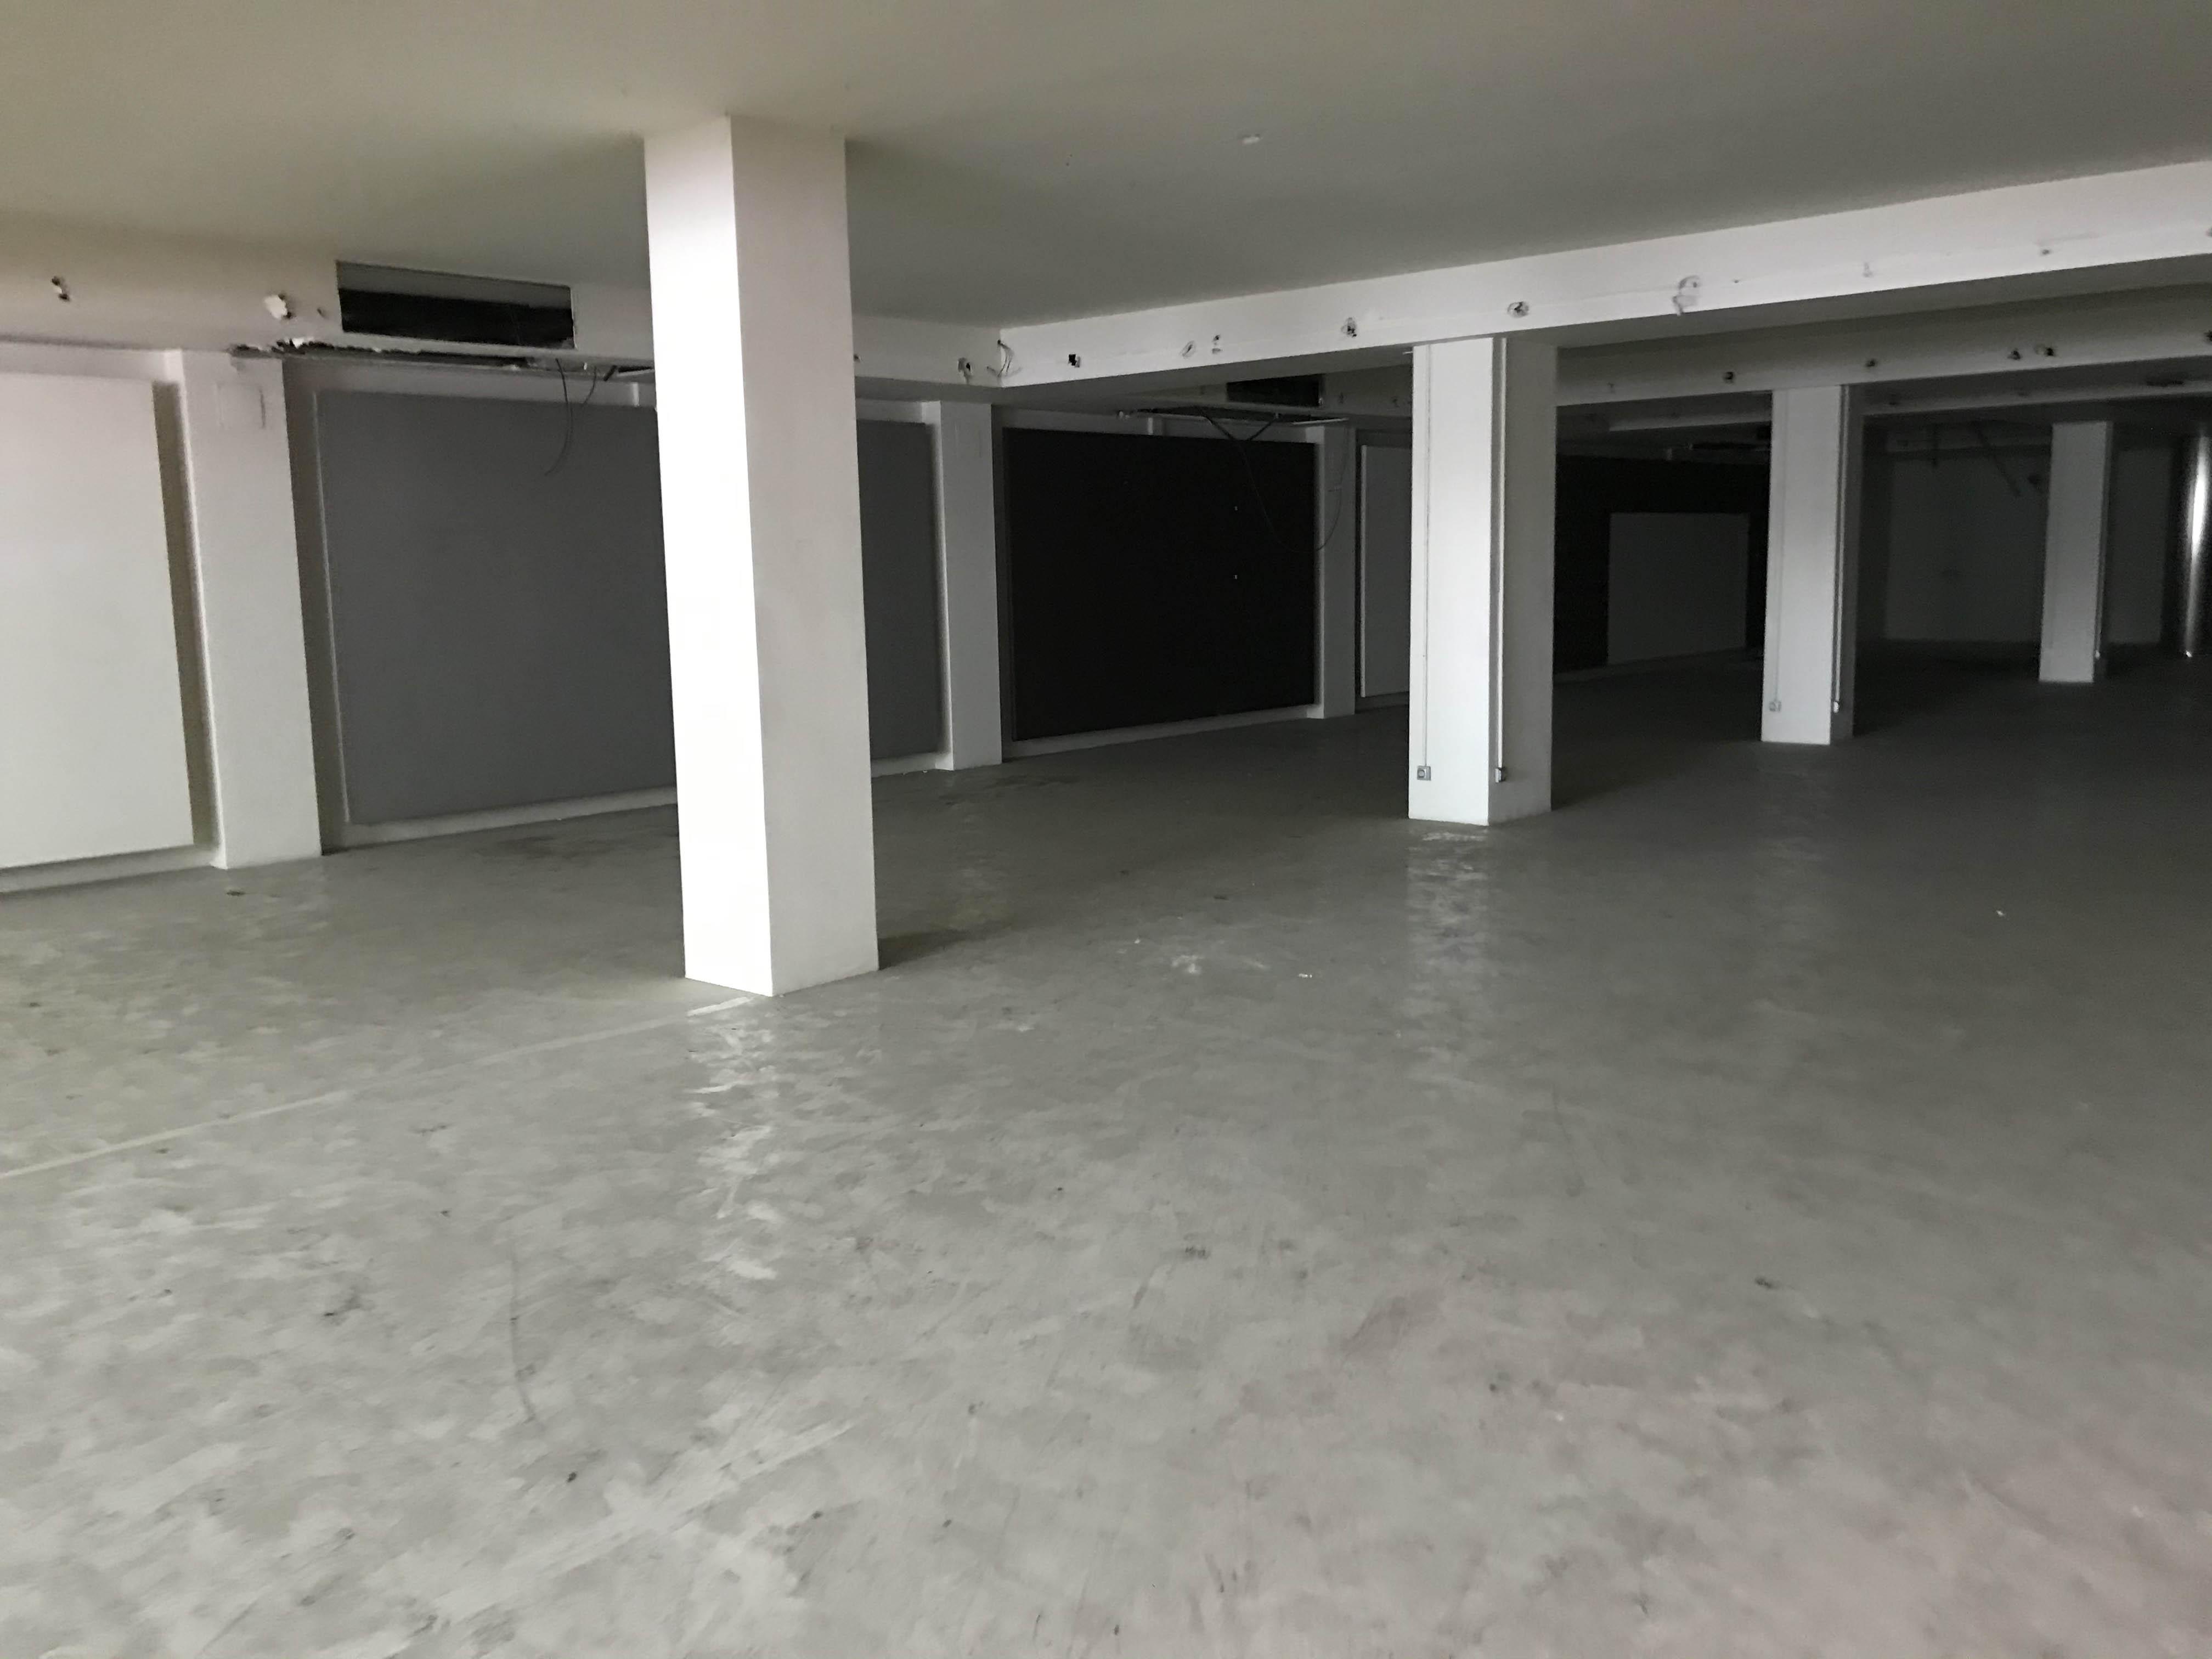 Centro médico Sant Joan Despí local 2